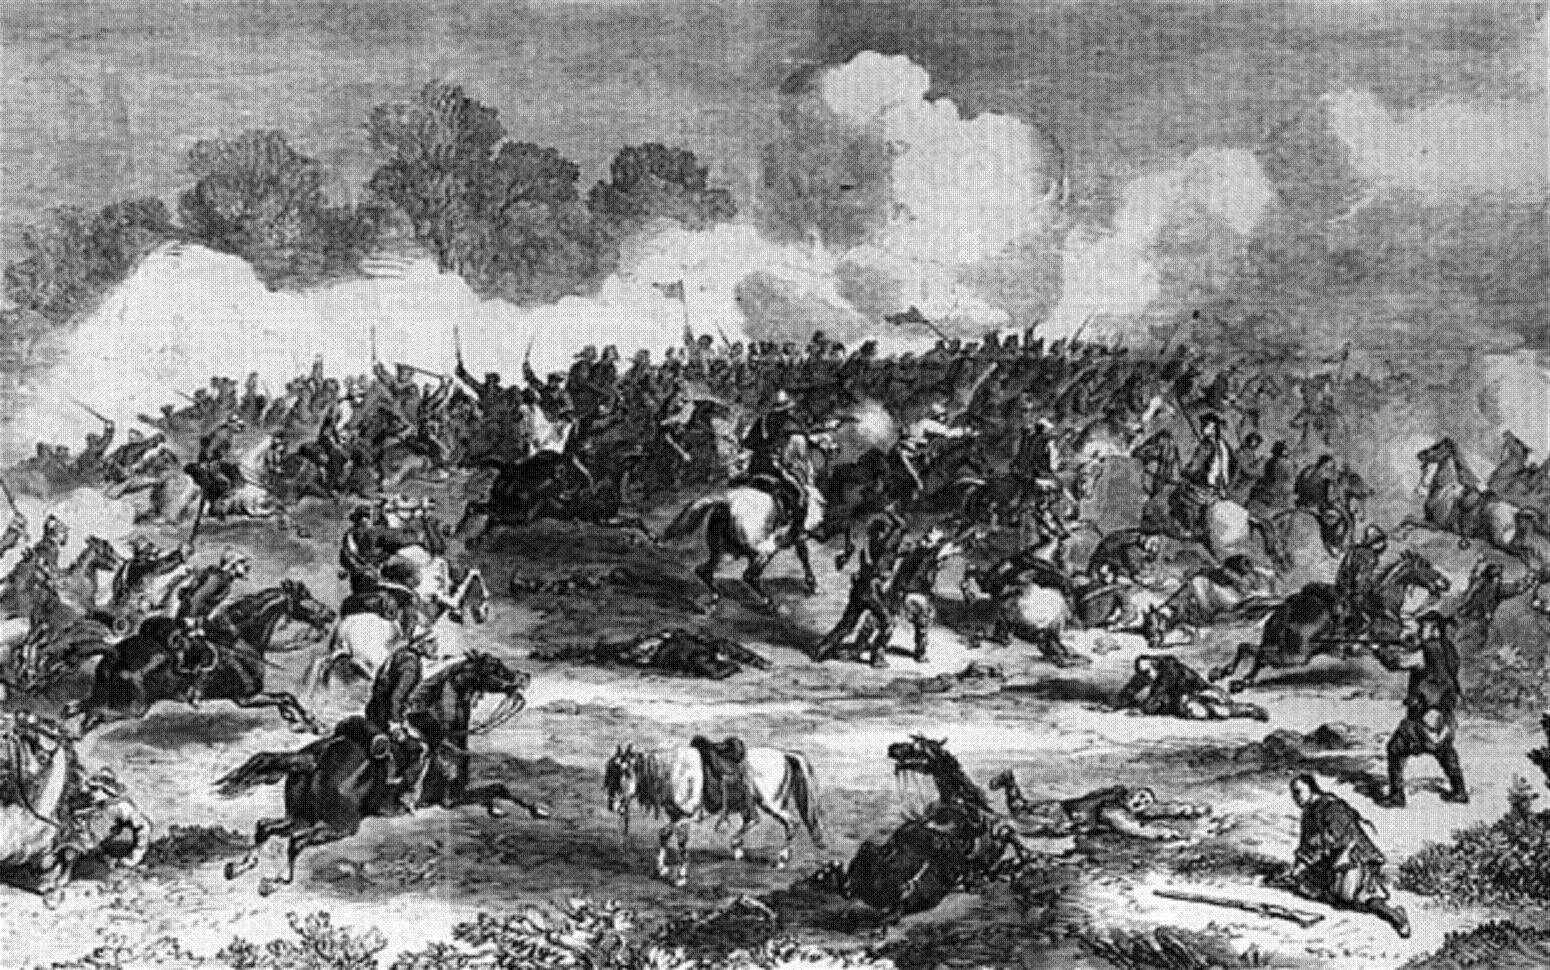 Οι Πόλεμοι του Οπίου χωρίζονται στον Α' (1839-1842) και τον Β' (1856-1860) και αφορούσαν μια σειρά συγκρούσεων μεταξύ της κινεζικής δυναστείας των (Chang, και της Βρετανικής Αυτοκρατορίας. Η τελική επικράτηση των Συμμαχικών Δυνάμεων των ΗΠΑ, της Γαλλίας, της Ρωσικής και φυσικά της Βρετανικής Αυτοκρατορίας σφραγίστηκε με τις ταπεινωτικές για τους Κινέζους συνθήκες της Nanking και της Tientsin, οι οποίες ακόμα αποτελούν παράγοντα καχυποψίας προς τη Δύση.)